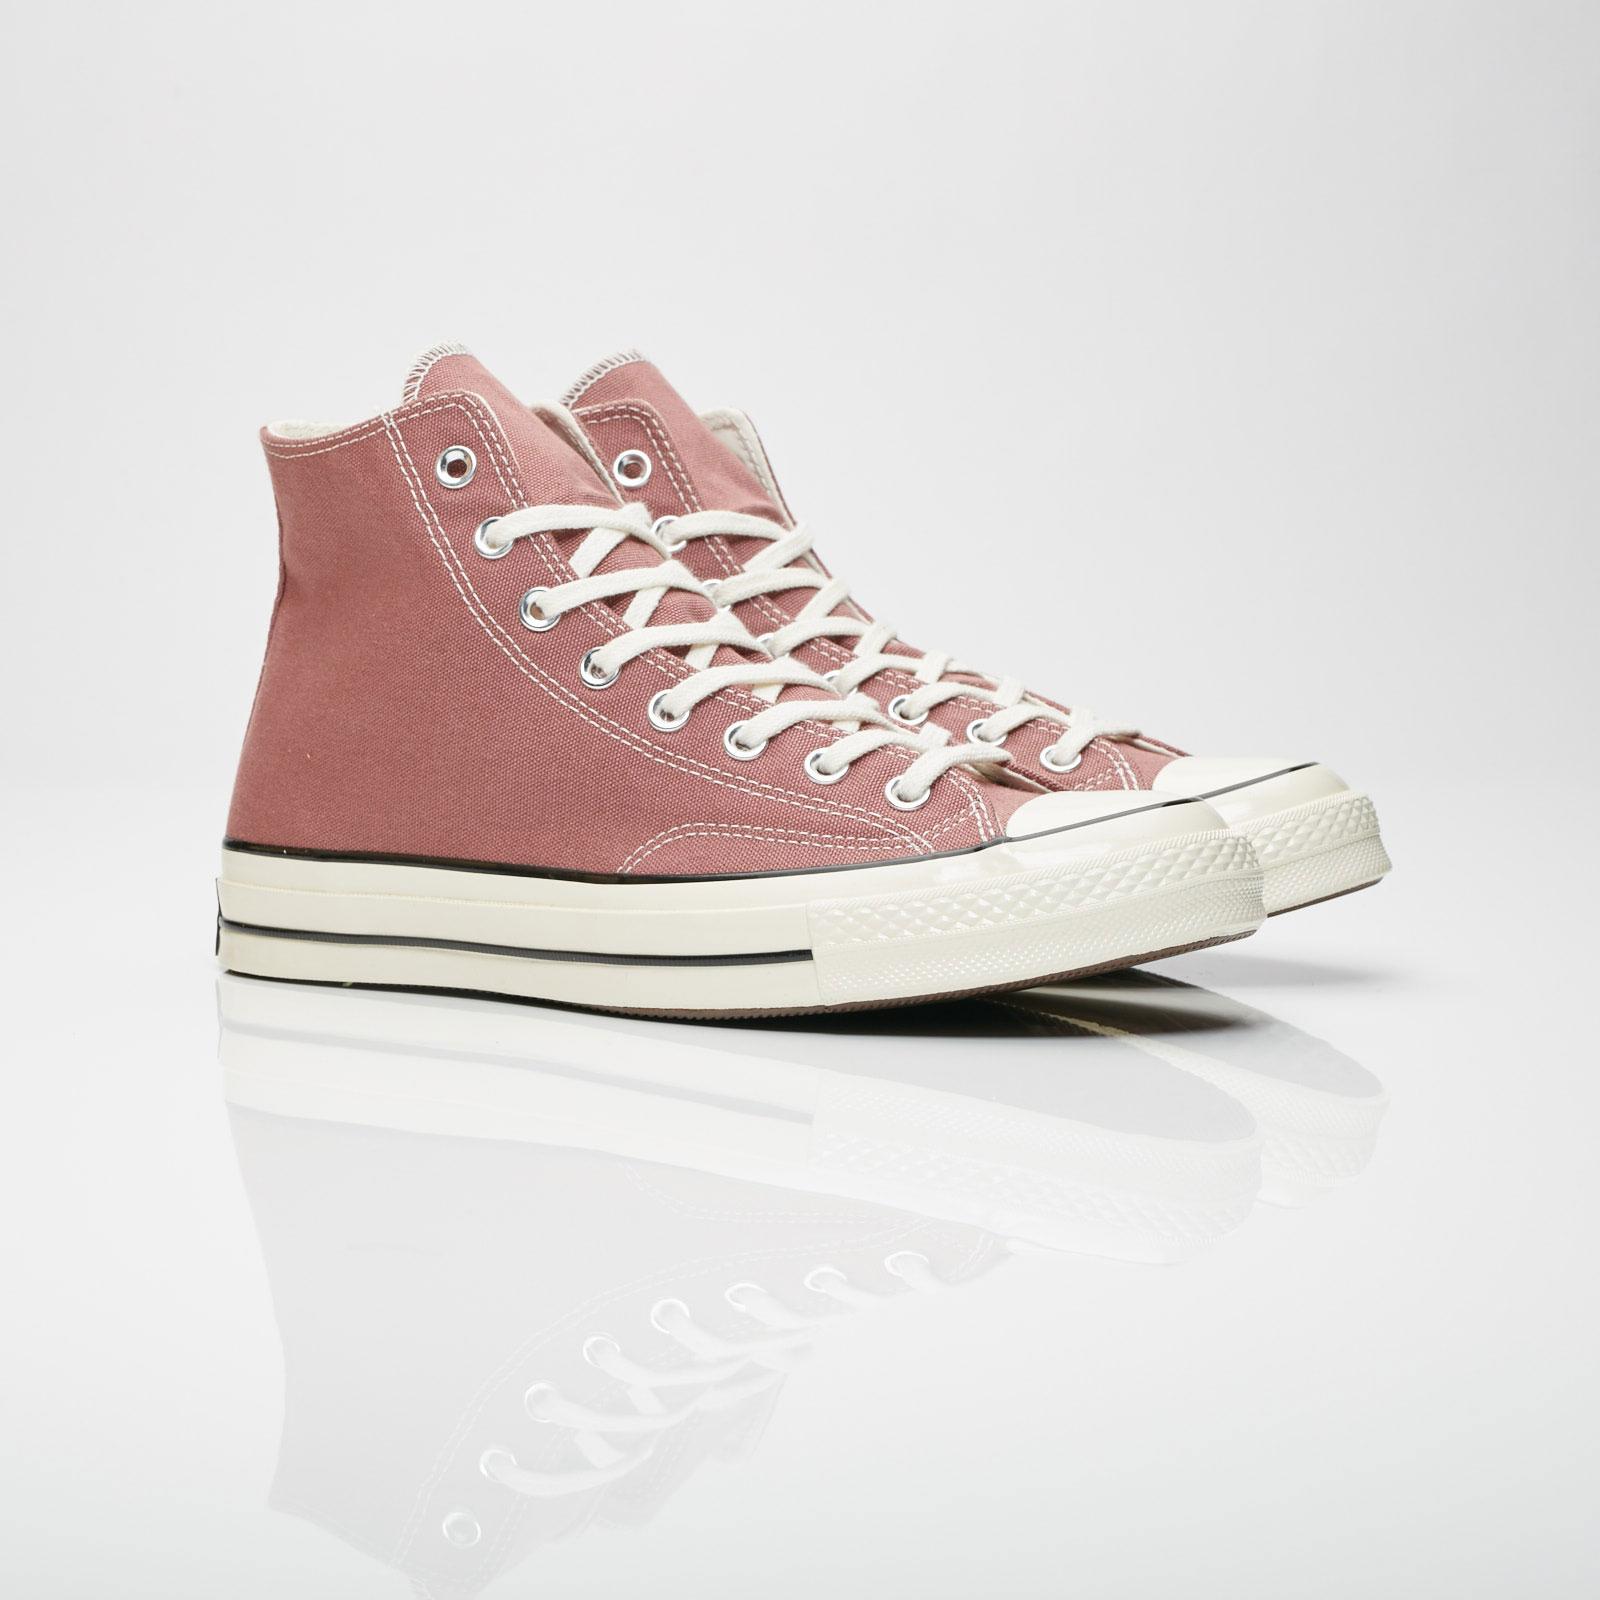 7a62f123f73 Converse Chuck 70 HI - 159623c - Sneakersnstuff